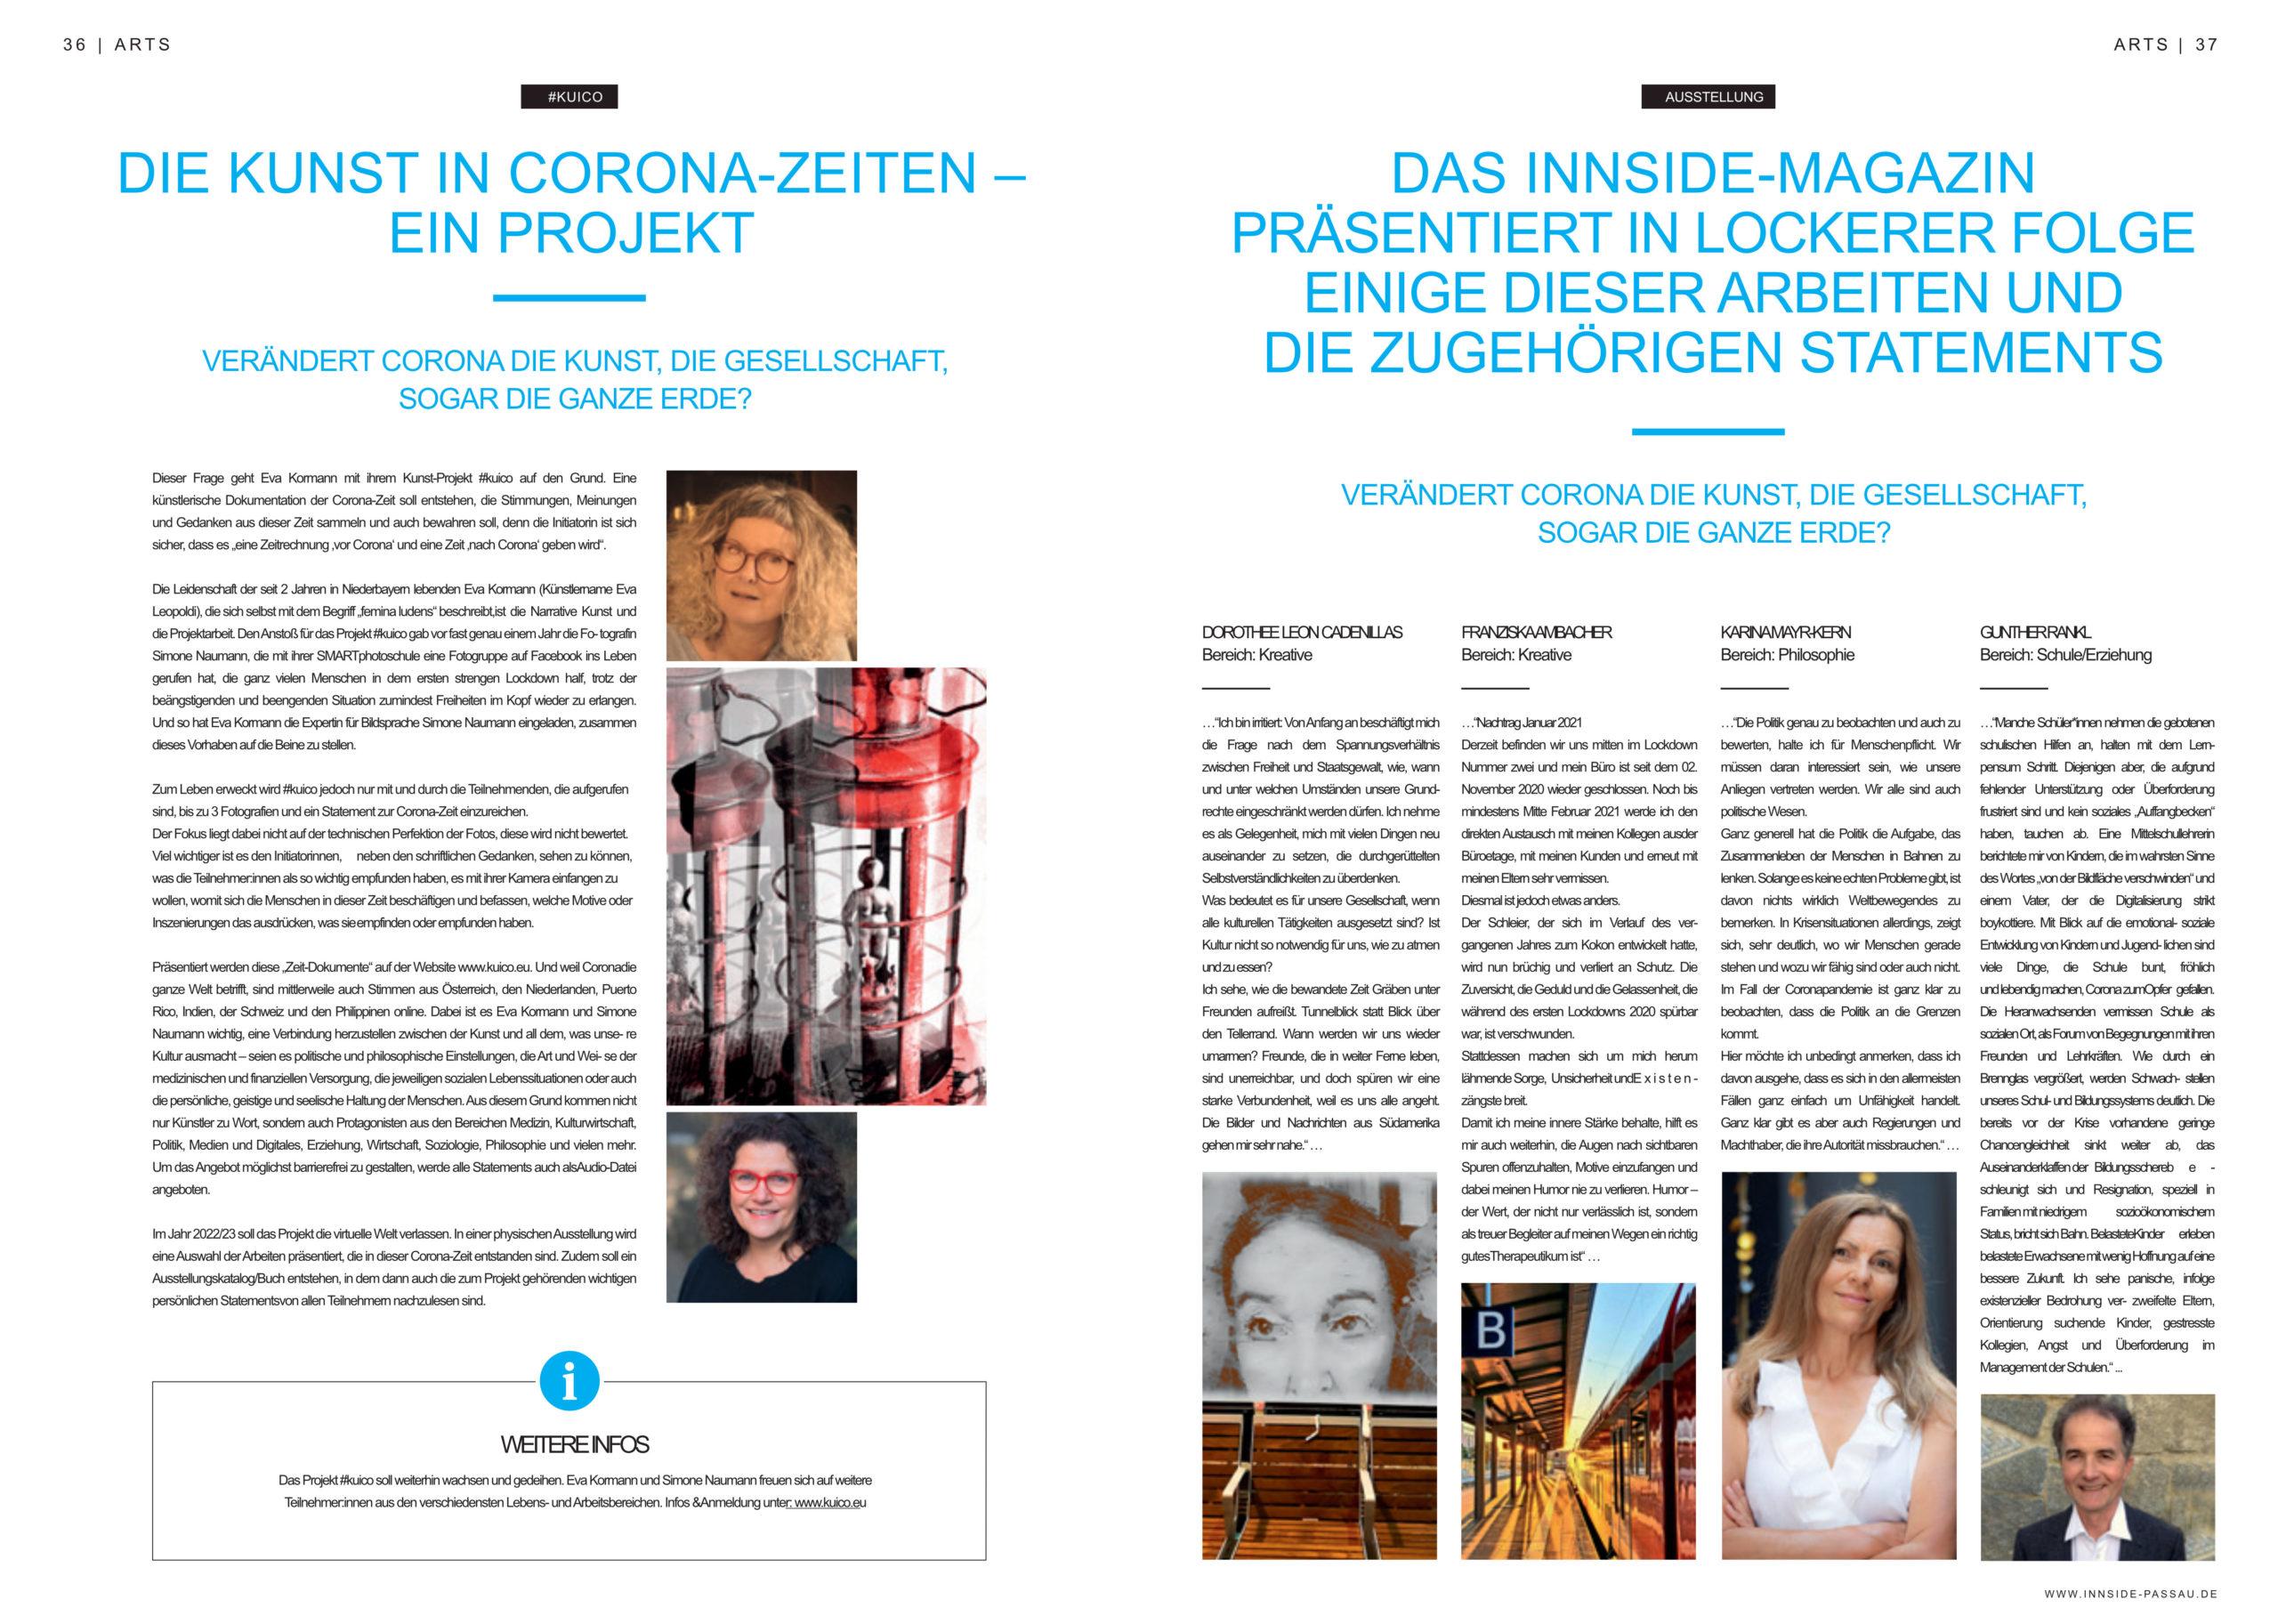 Zweiseitiger Artikel über das Kunstprojekt #Kuico im Magazin INNSIDE. Ausgabe 05/2021. Das Projekt wird beschrieben nd vier Teilnehmer in Auszügen vorgestellt.